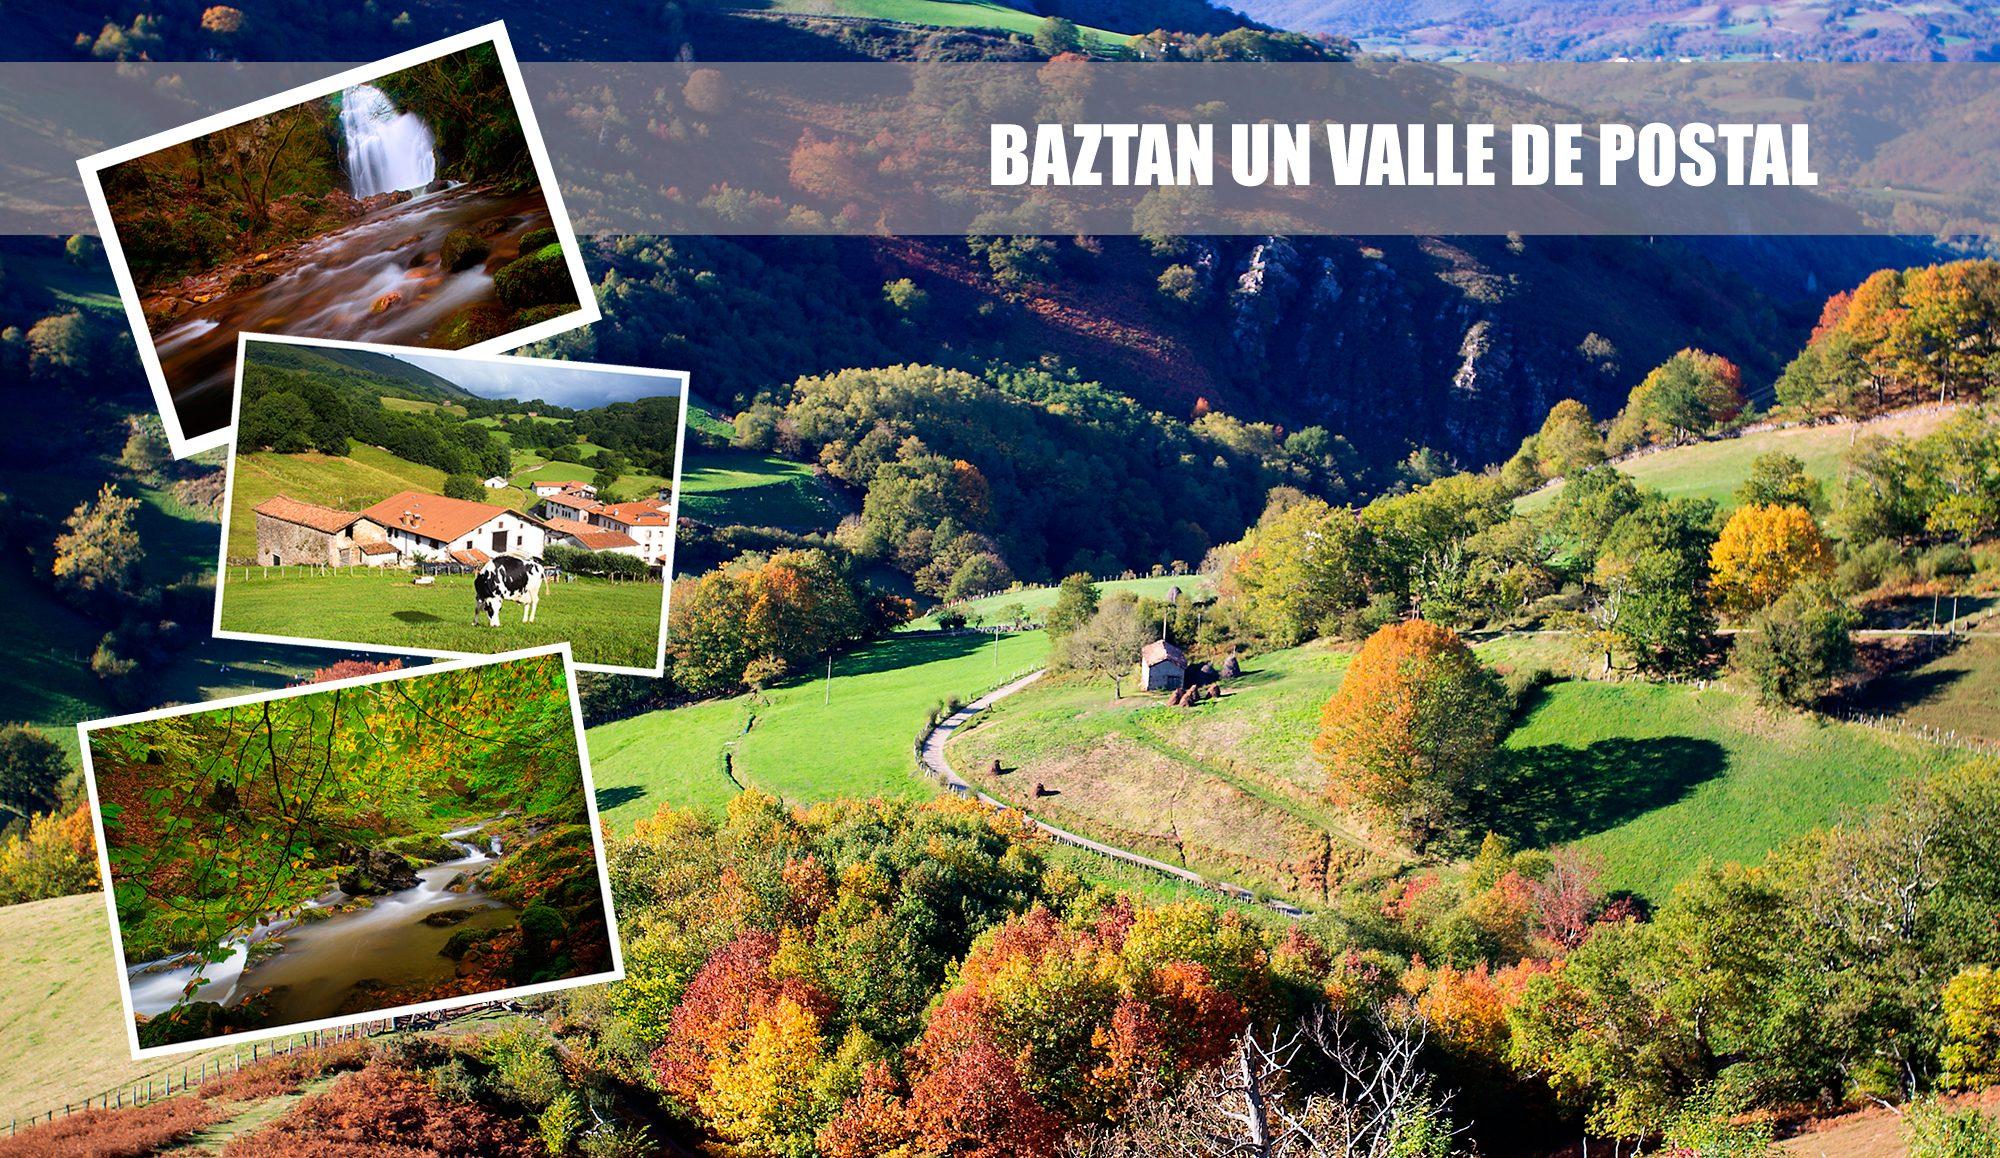 Valle del baztán pirineo navarro fotos caseríos